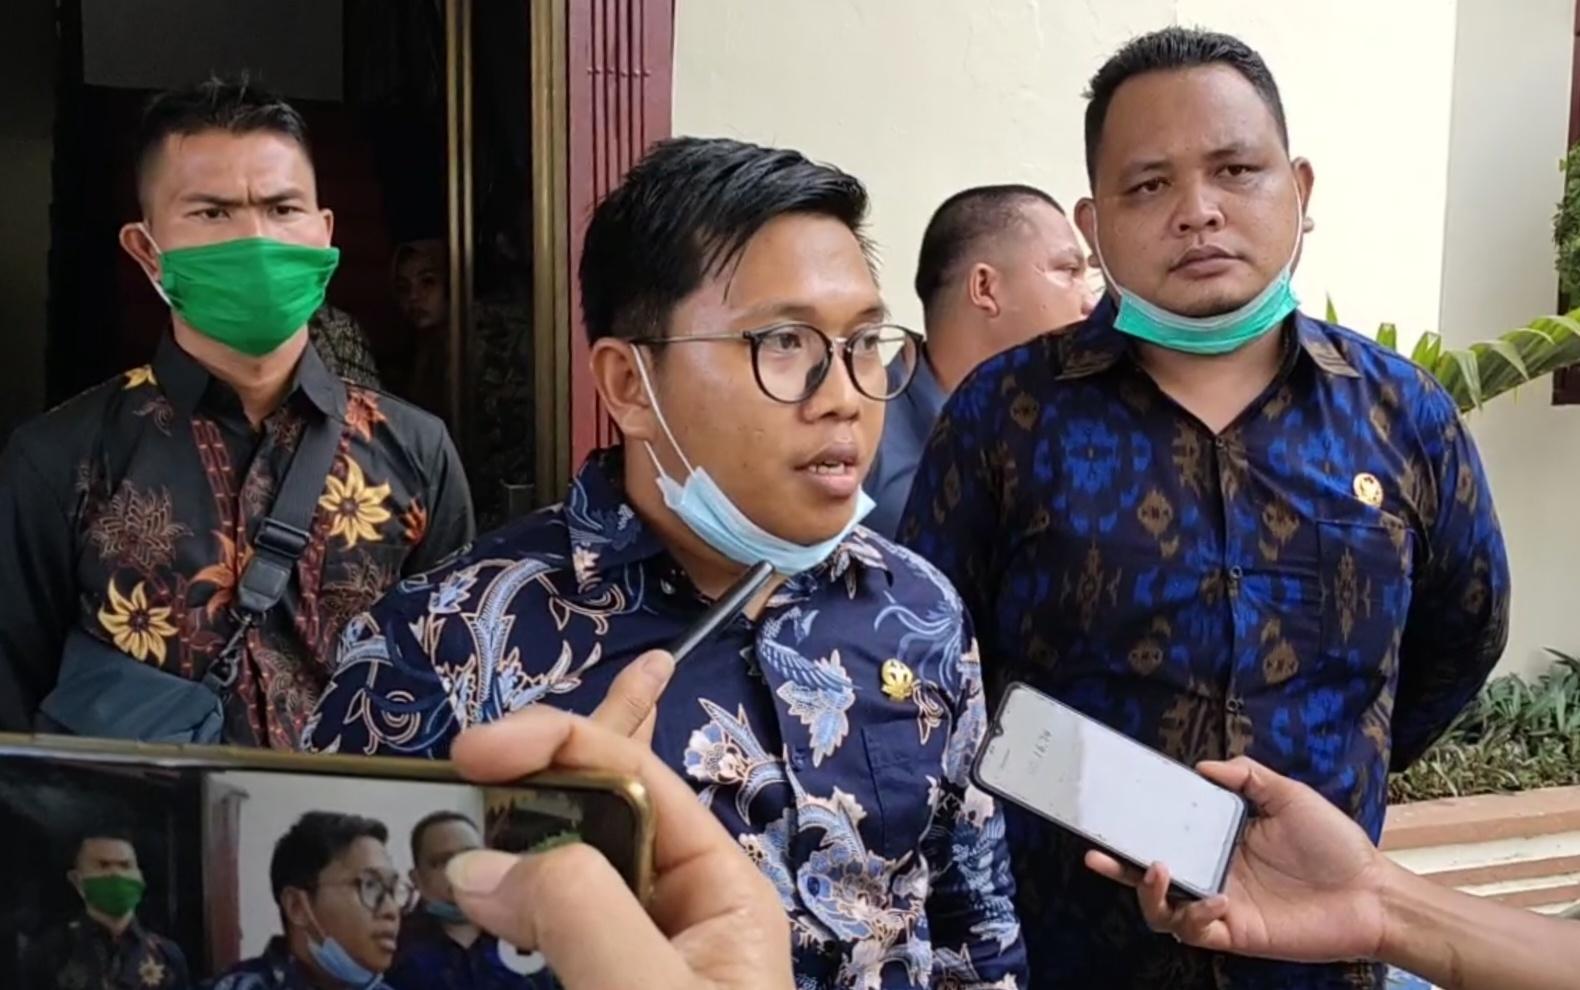 Isu Negatif Walikota Sibolga Beredar Di Tengah Masyarakat, Ketua DPRD Yakini Bahwa Itu Adalah Fitnah